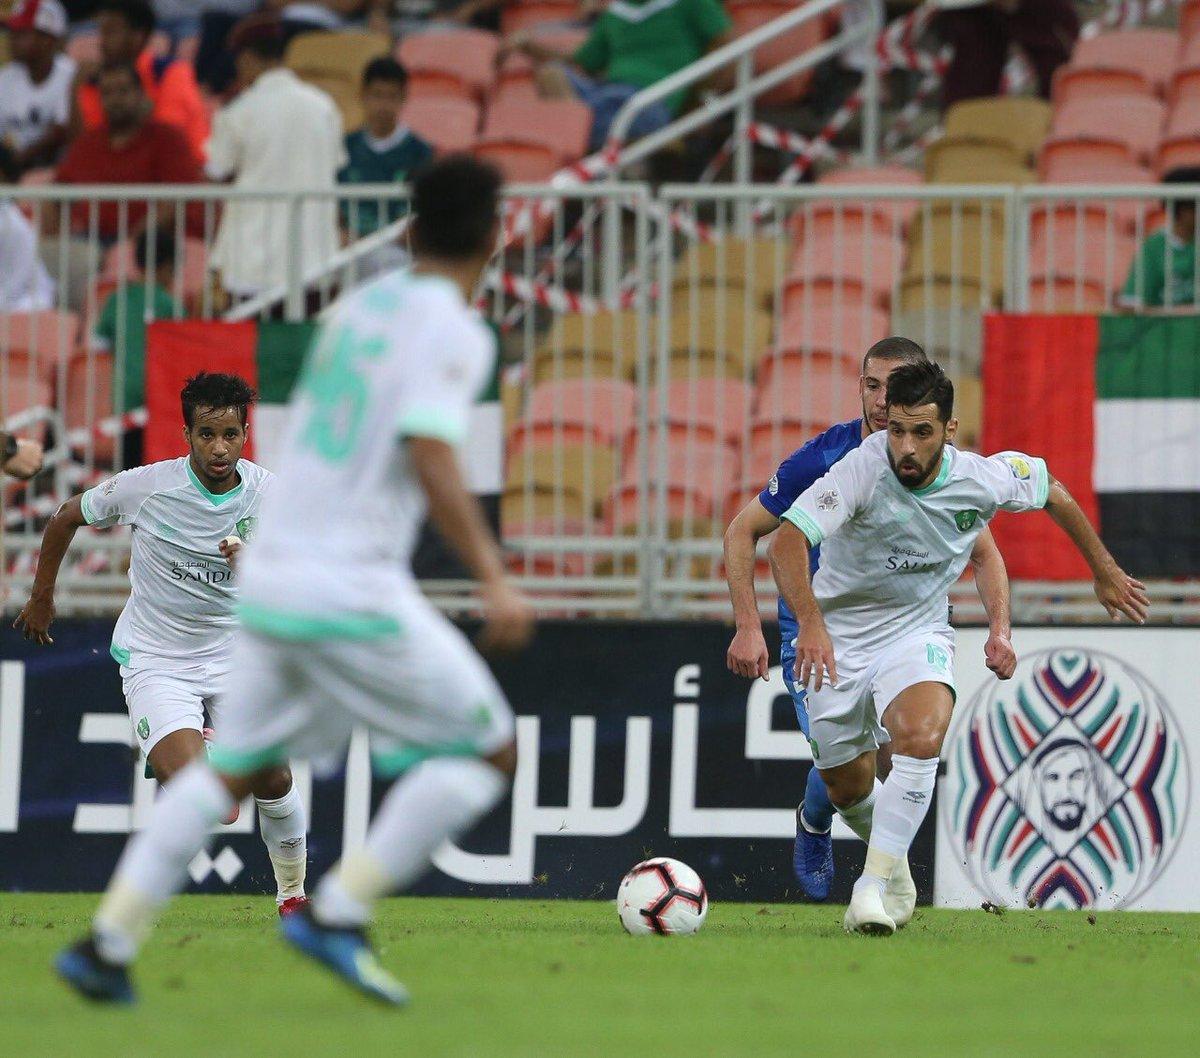 الأهلي السعودي إلى دور الثمانية بكأس زايد للأندية الأبطال بعد التعادل مع وفاق سطيف